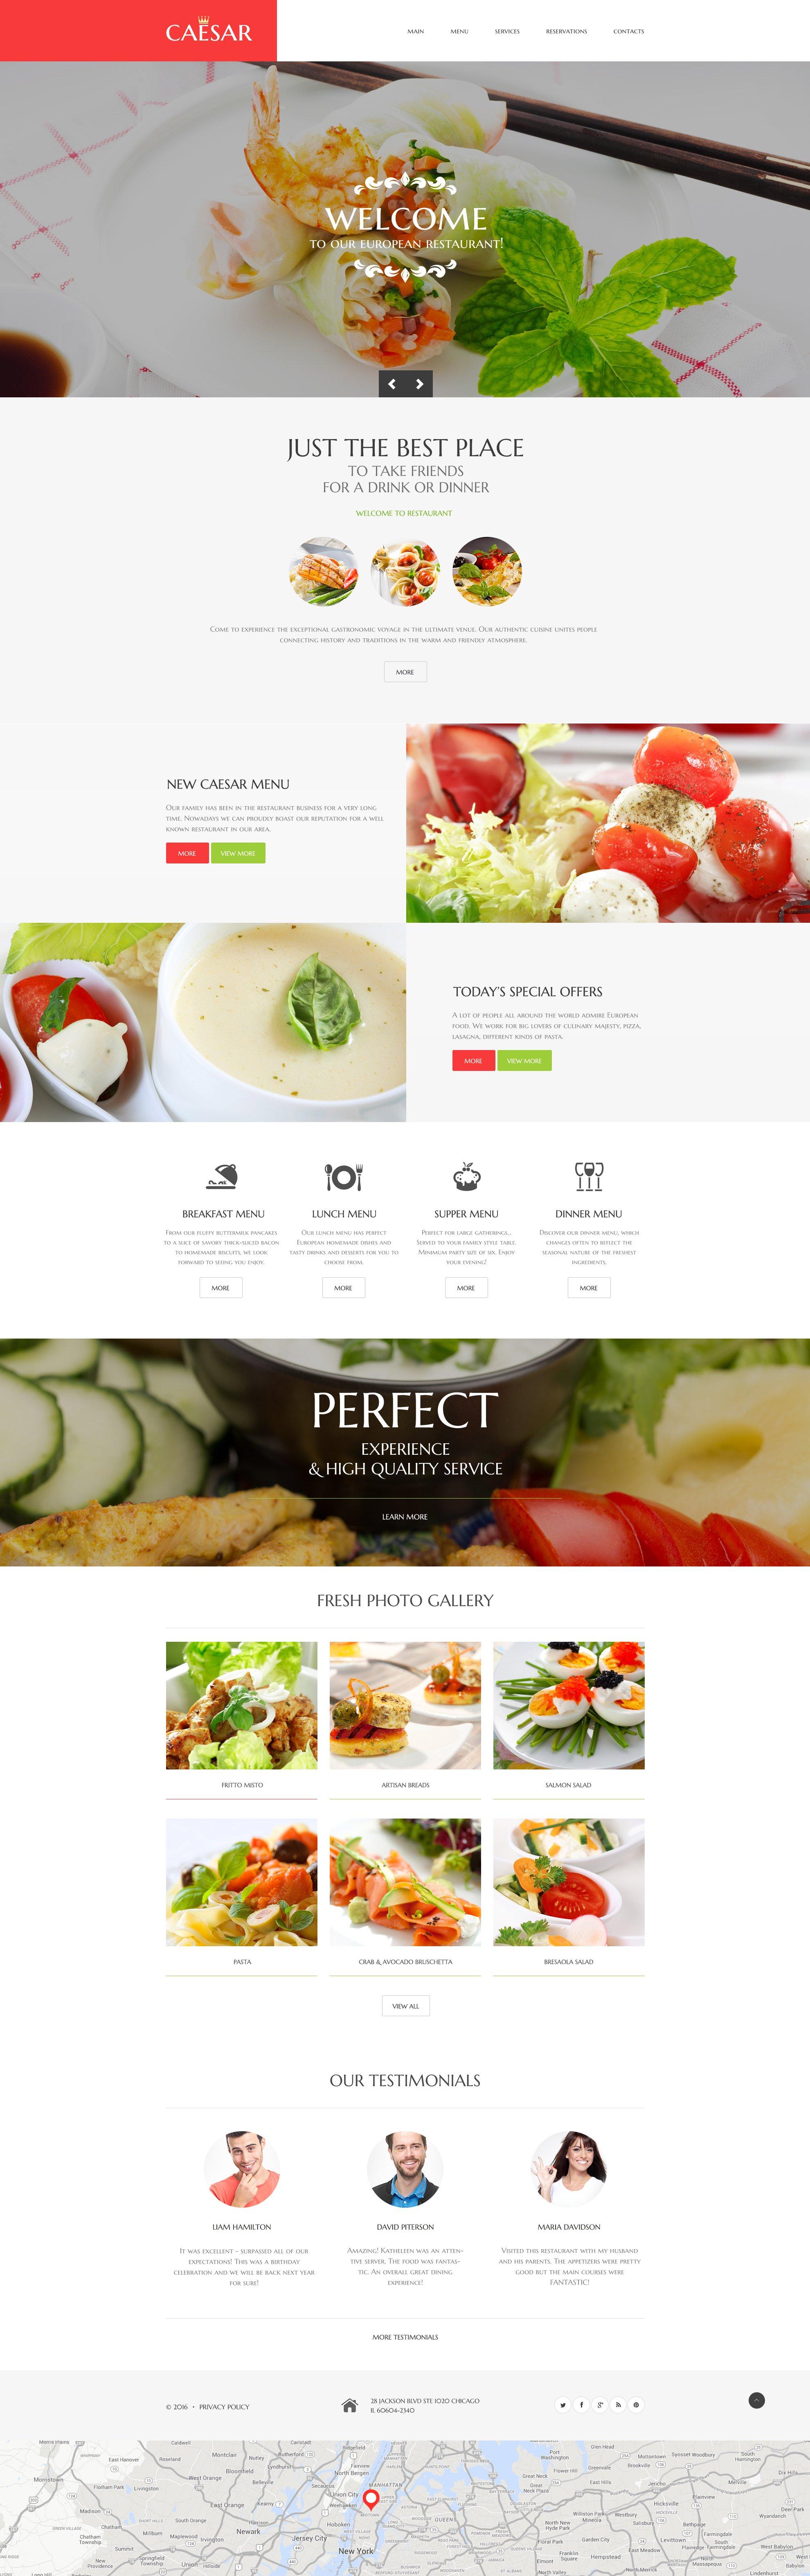 Адаптивний Шаблон сайту на тему кафе і ресторани №58582 - скріншот